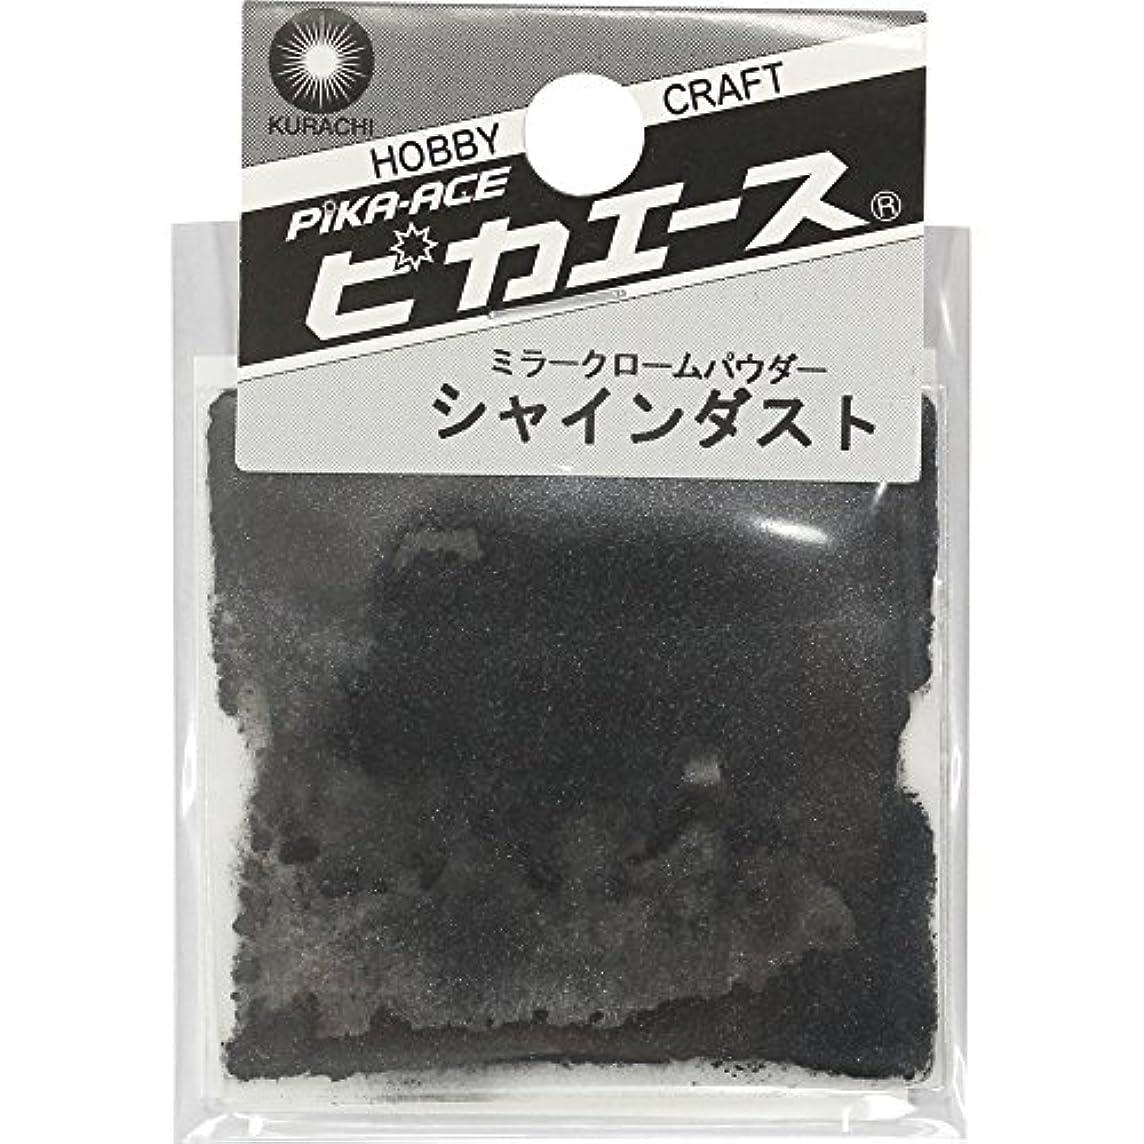 ナース喜ぶ測定可能ピカエース シャインダスト#358ミラーブラックSS アート材